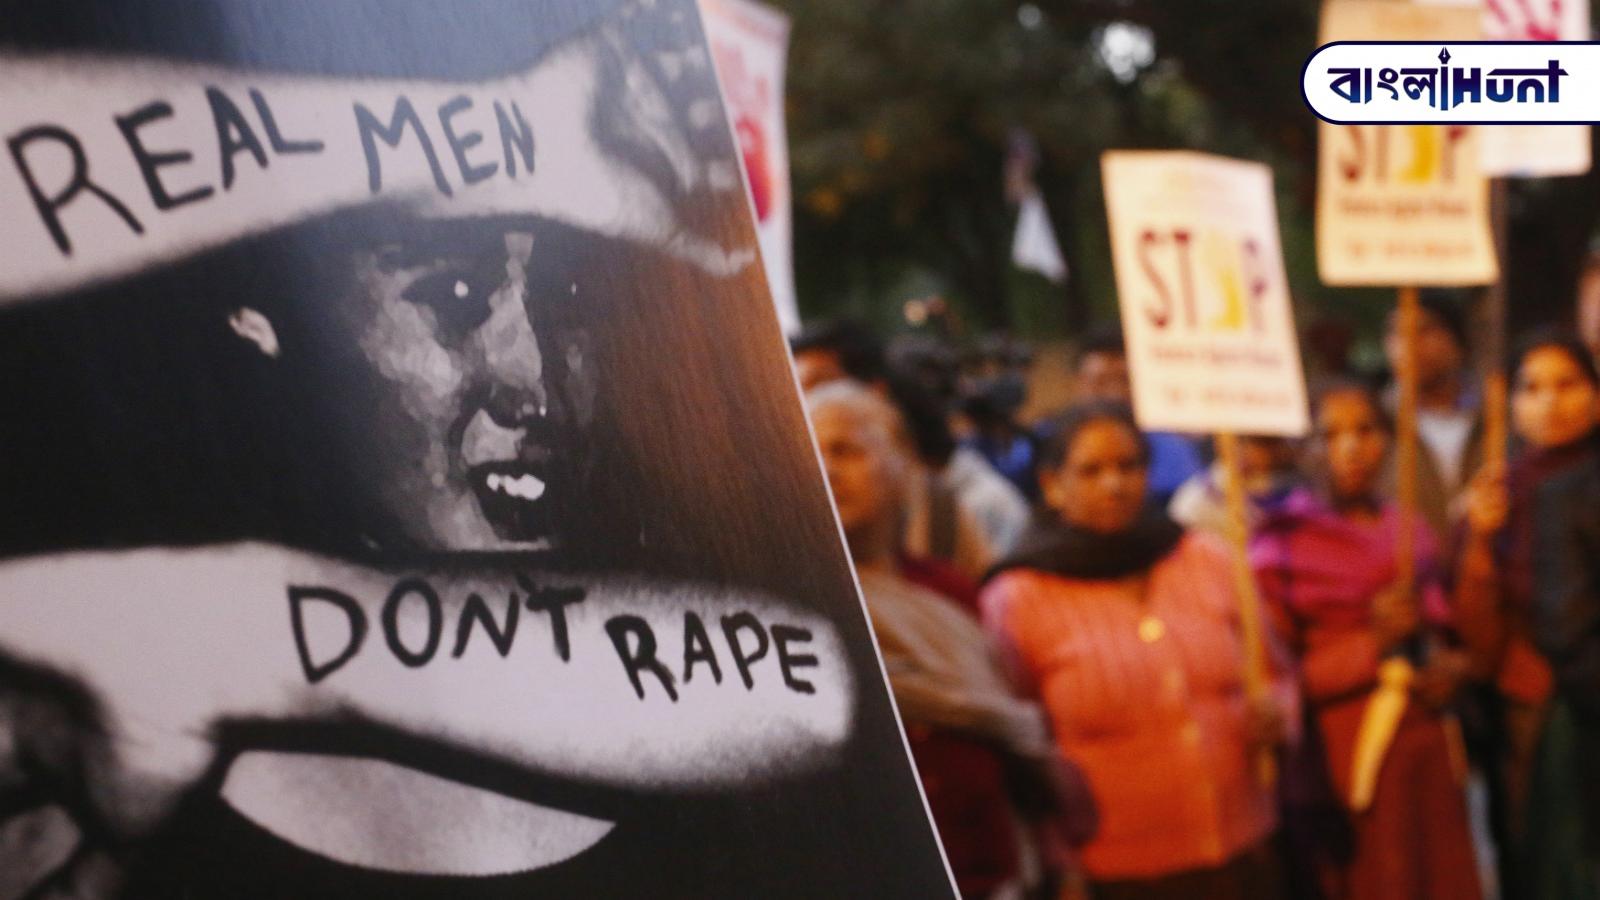 rape 7 Bangla Hunt Bengali News